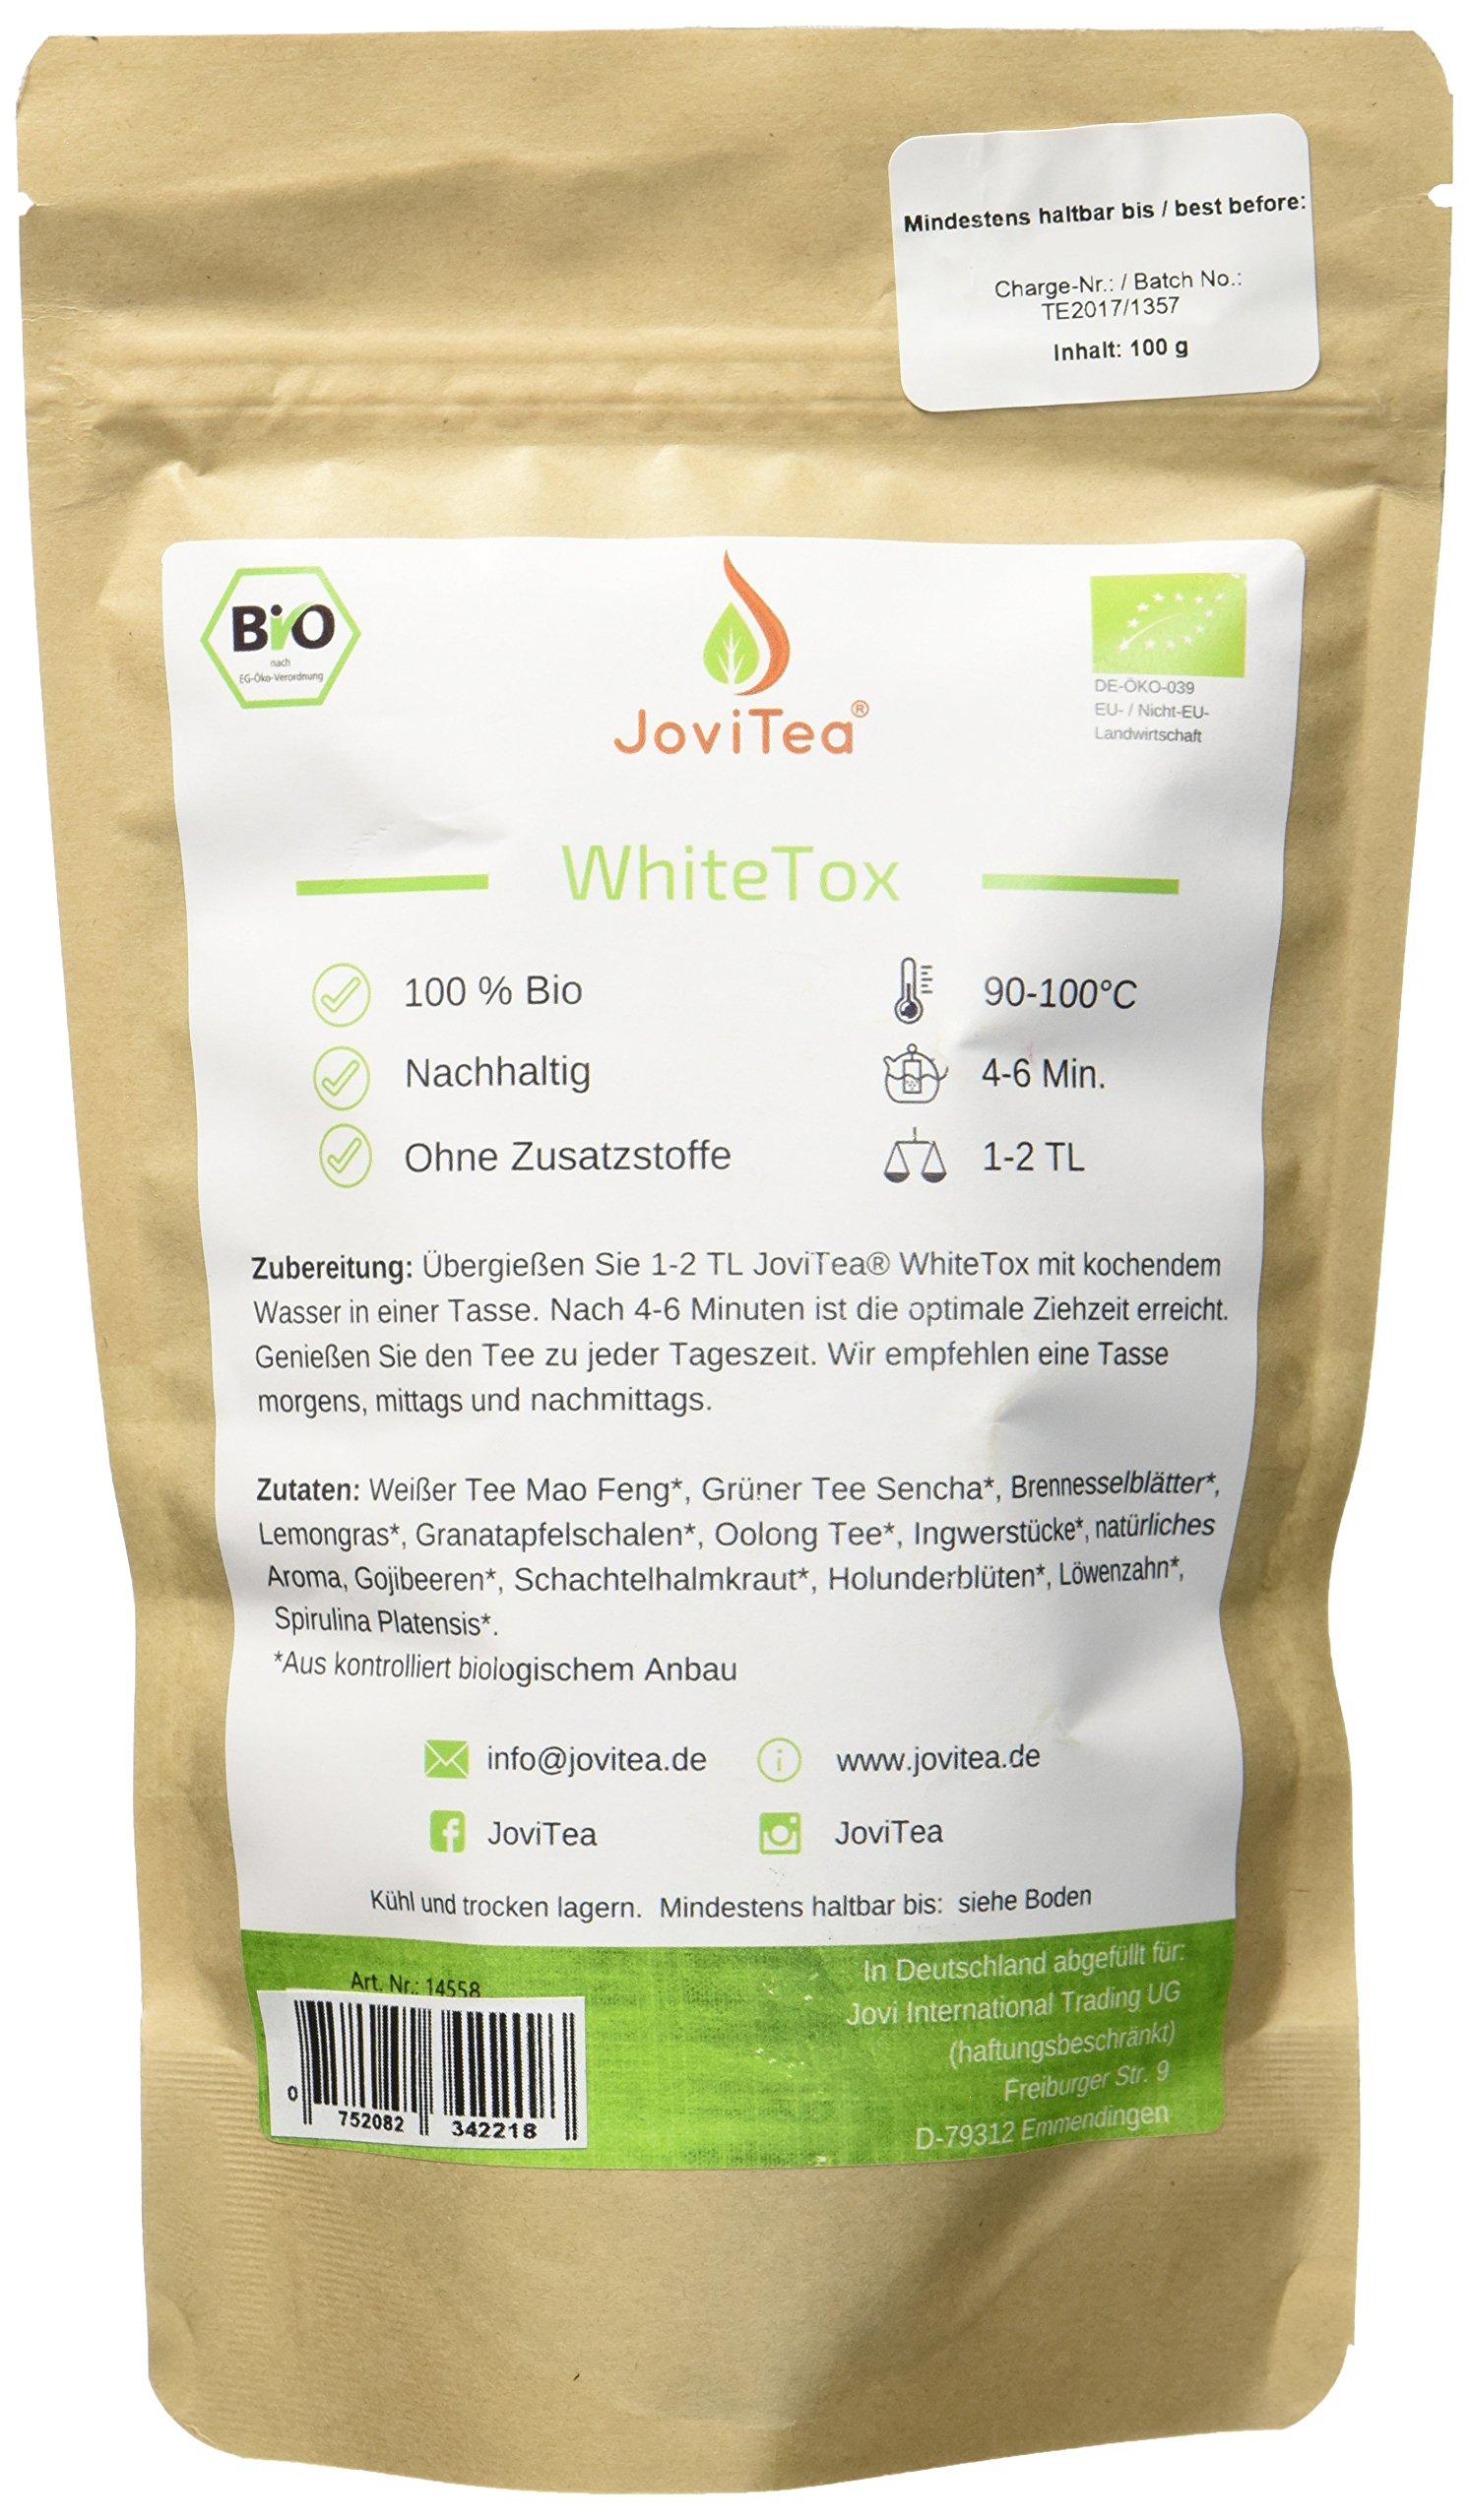 JoviTea-WhiteTox-BIO-Tee-14-Tage-Body-Tee-50-Portionen-100-natrlich-und-zuckerfrei-Leckere-Kruter-und-Fruchtmischung-100g